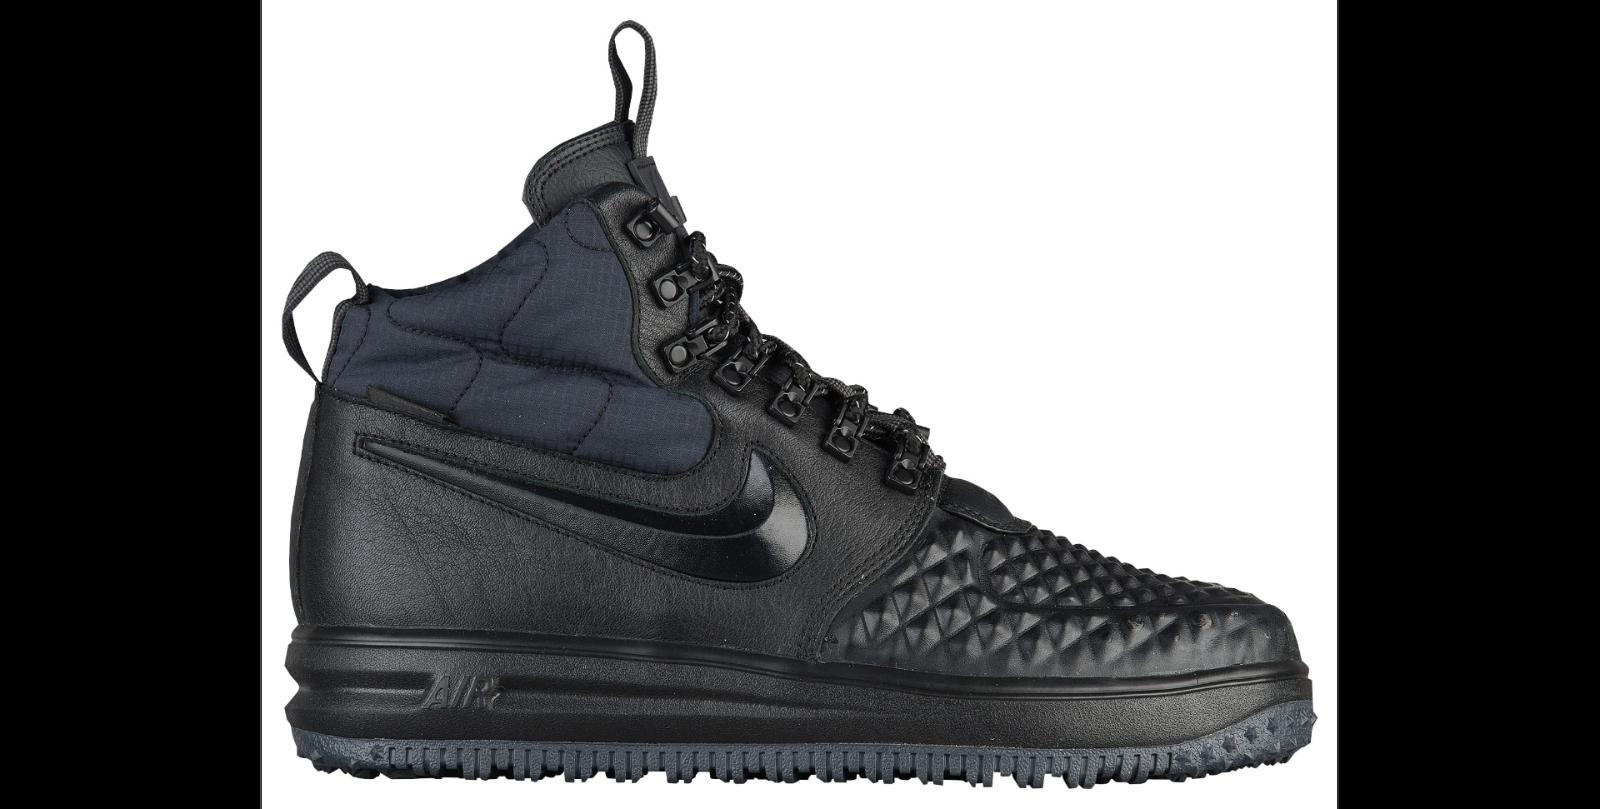 Nike Lunar Force 1 Duckboot 2018 Black Black Anthracite Mens